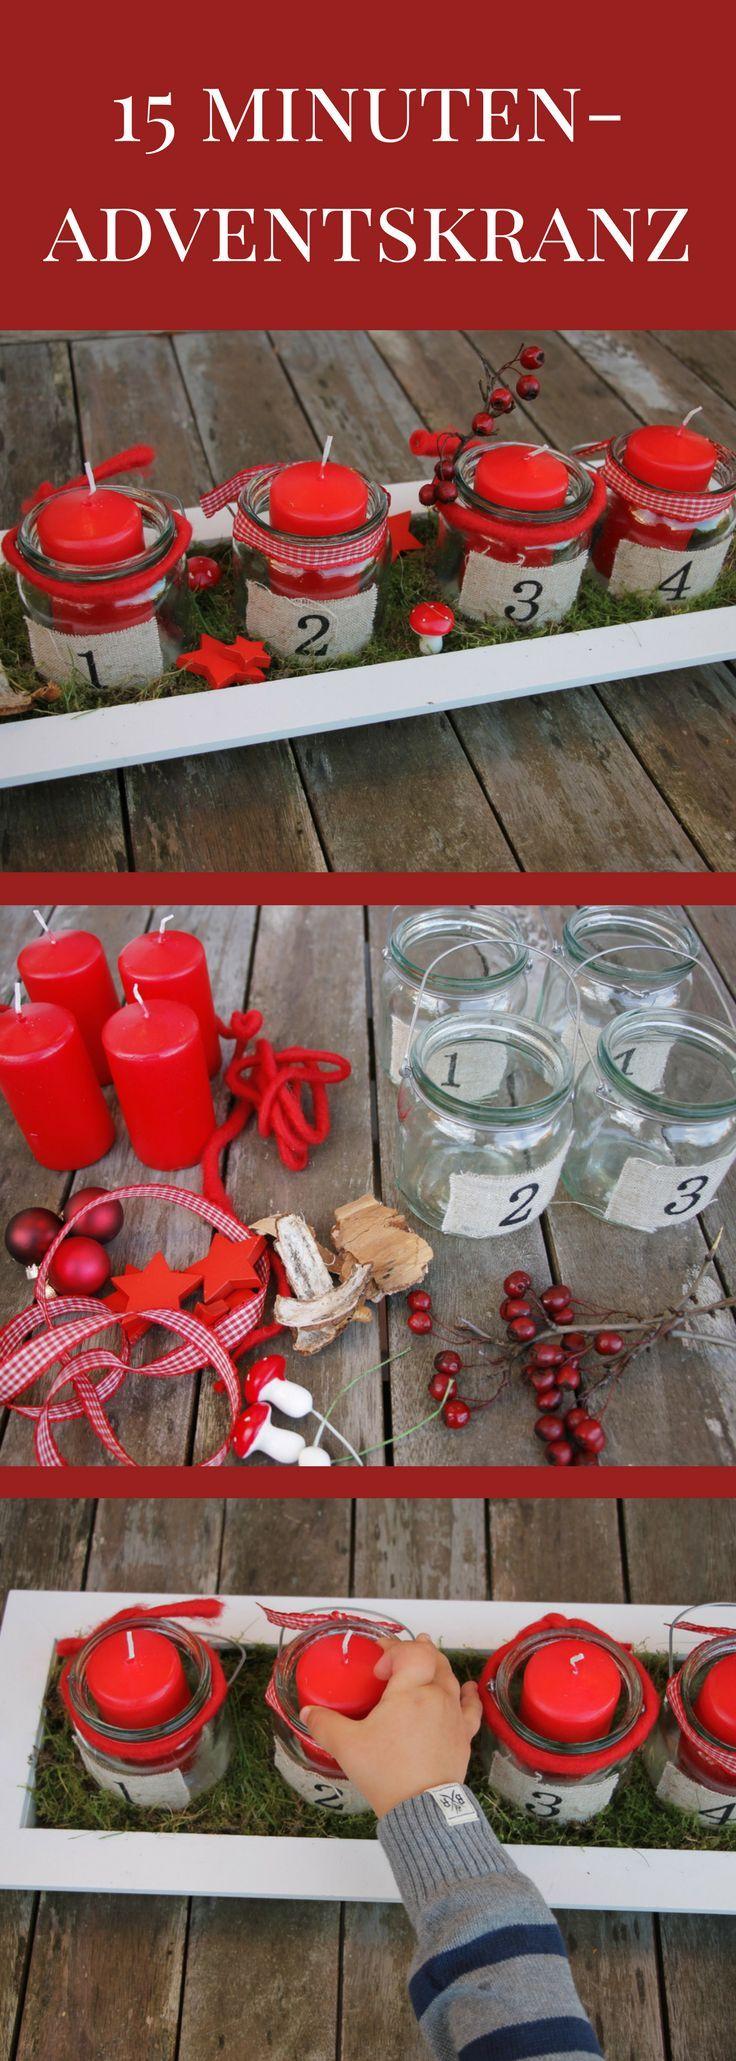 DIY: Einen Adventskranz basteln auf den letzten Drücker